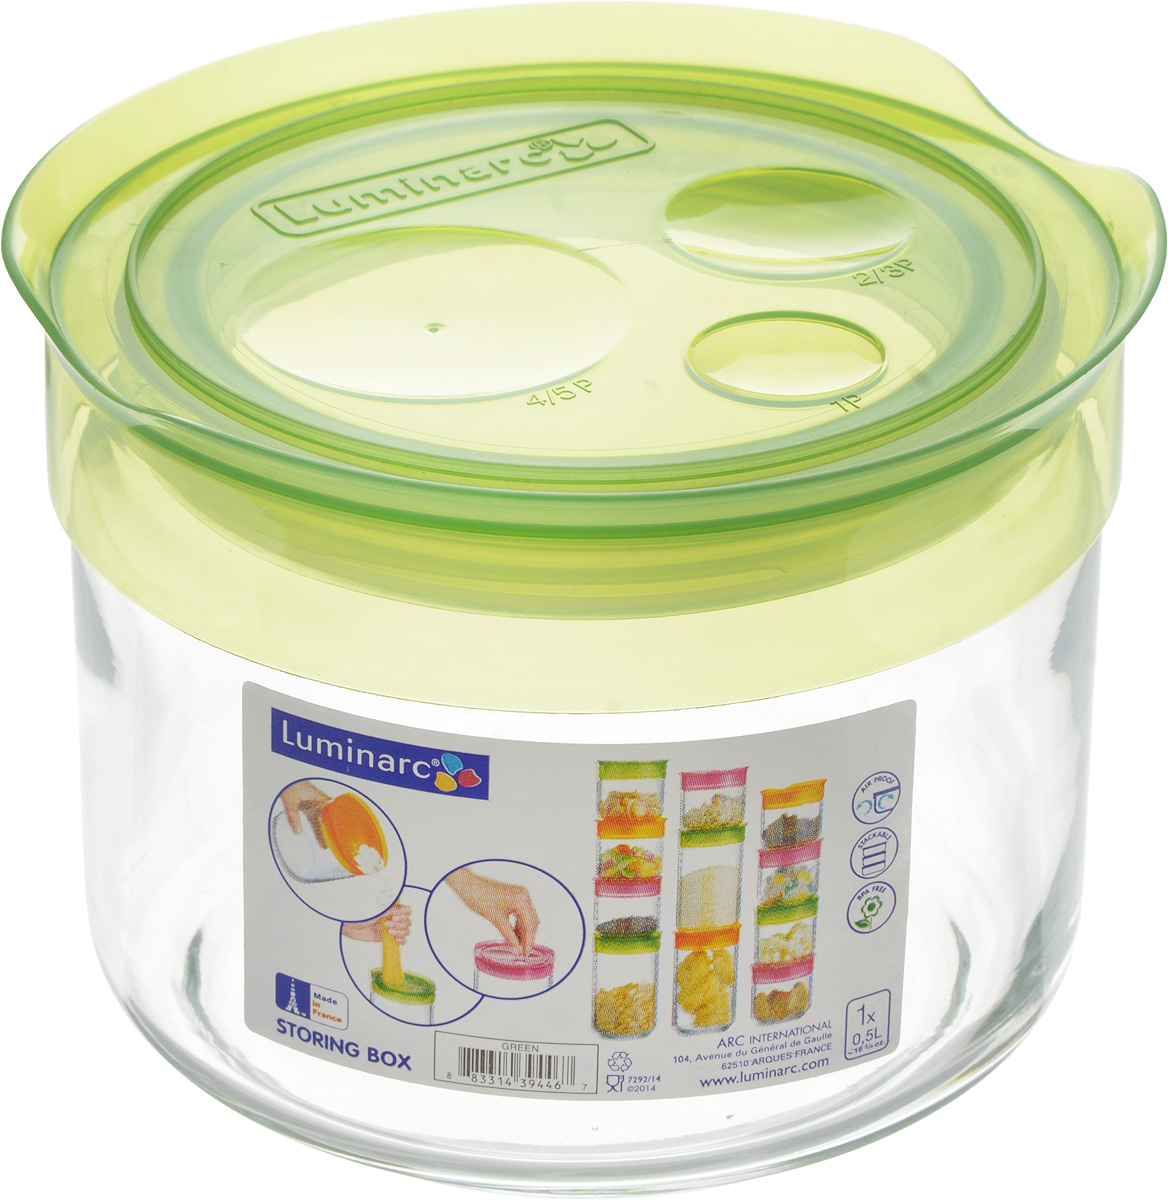 Банка для сыпучих продуктов Luminarc Storing Box, с крышкой, цвет: салатовый, 500 млJ2255Банка Luminarc Storing Box, выполненная изупрочненного стекла, станет незаменимымпомощником на кухне. В ней будет удобно хранитьразнообразные сыпучие продукты, такие как кофе,сахар, соль или специи. Прозрачная банка позволит следить,что и в каком количестве находится внутри. Банка надежнозакрывается пластиковой крышкой, которая снабженарезиновым уплотнителем для лучшей фиксации.Такая банка не только сэкономит место на вашей кухне, но иукрасит интерьер. Объем: 500 мл. Диаметр банки (по верхнему краю): 9 см. Высота банки (без учета крышки): 8 см.